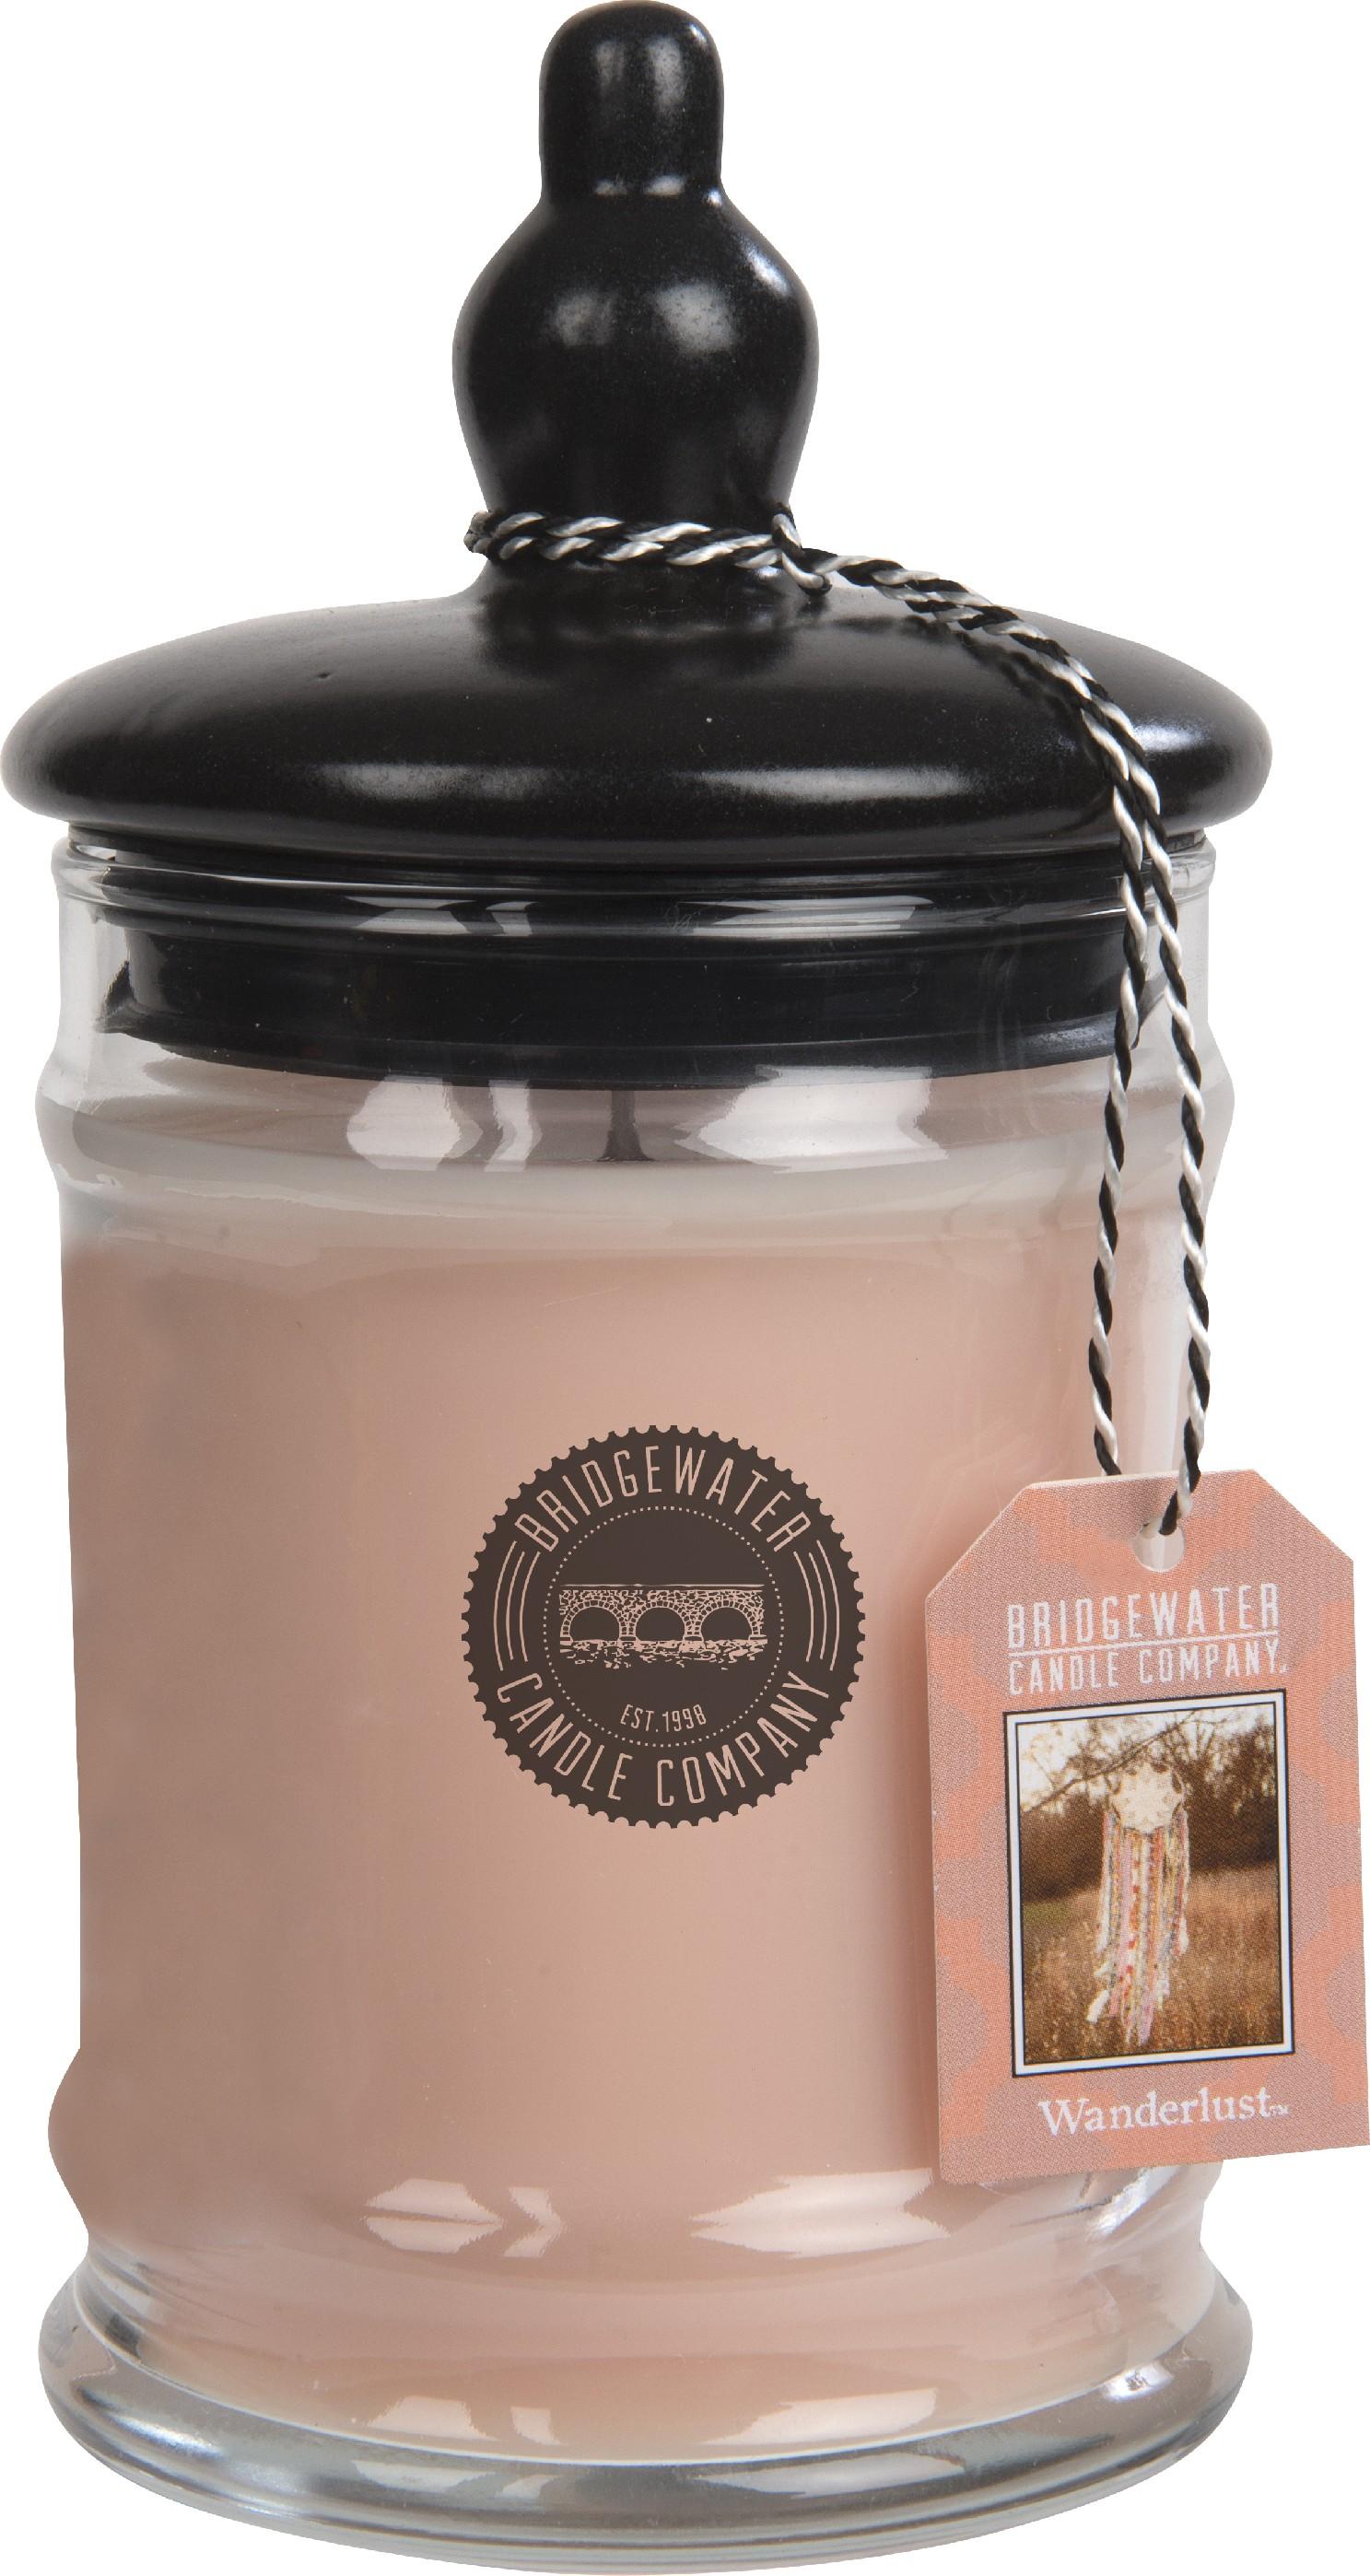 Bridgewater Candle Company Vonná svíčka Wanderlust malá IDJARS-WANDERLUST